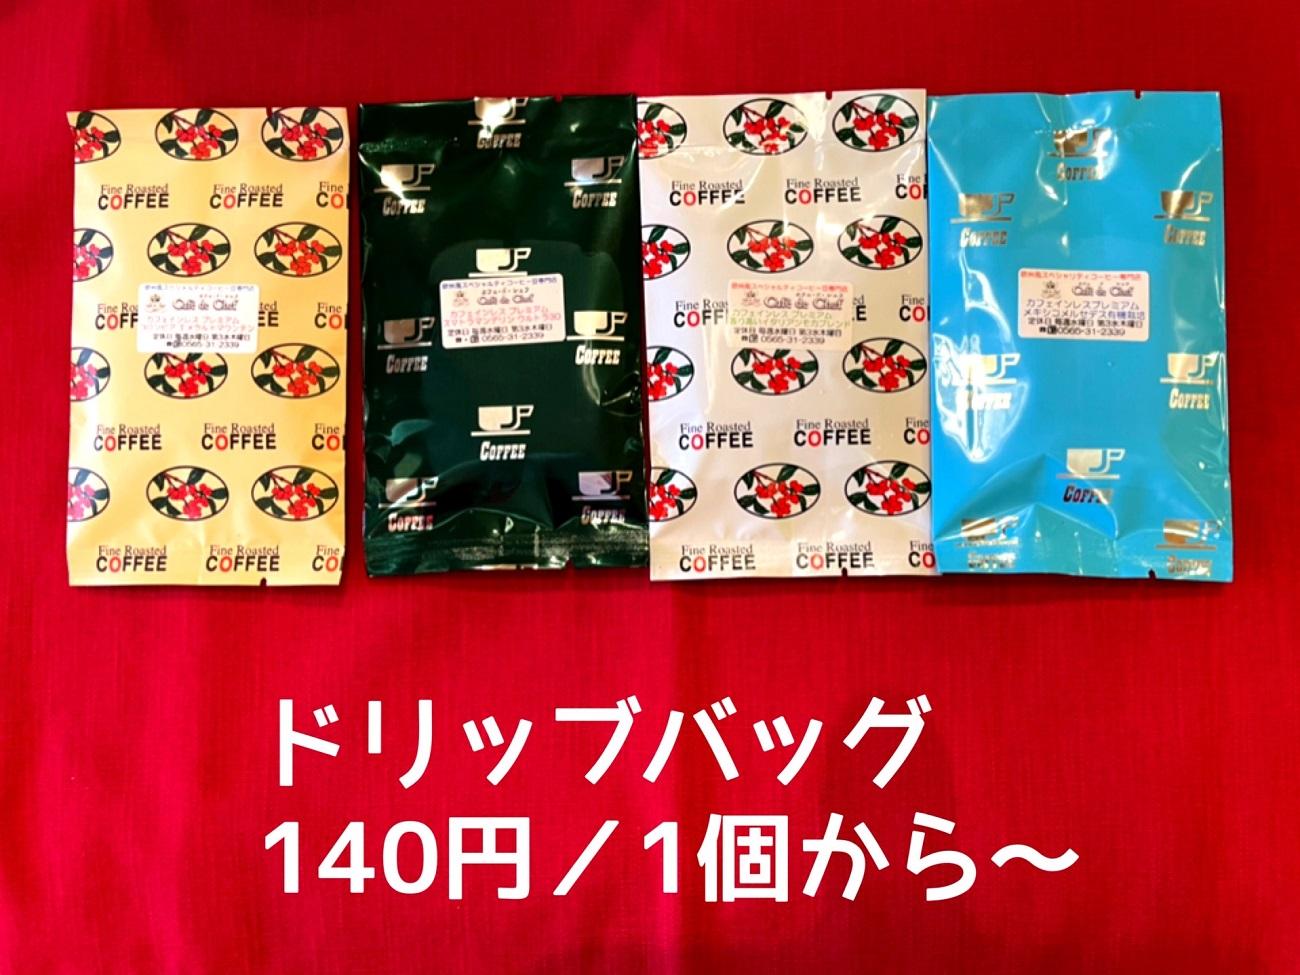 ドリッブバッグ140円